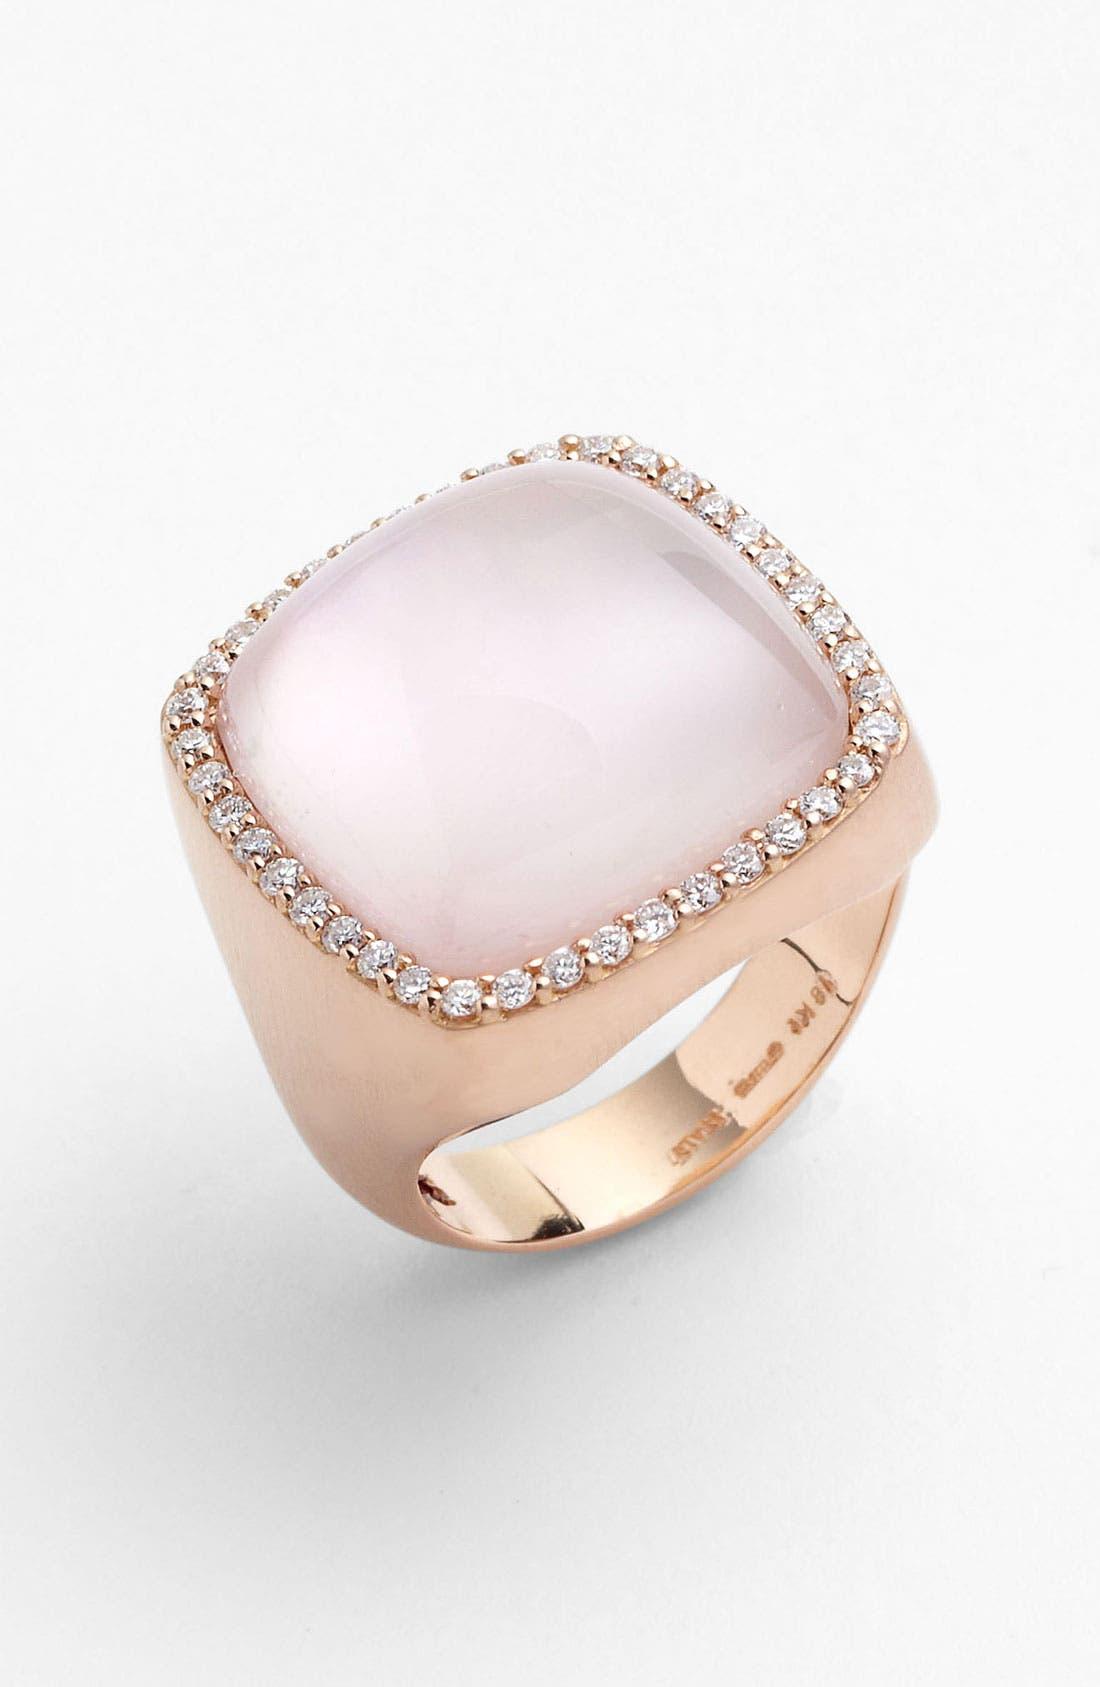 Main Image - Roberto Coin Diamond & Square Cut Rose Quartz Ring